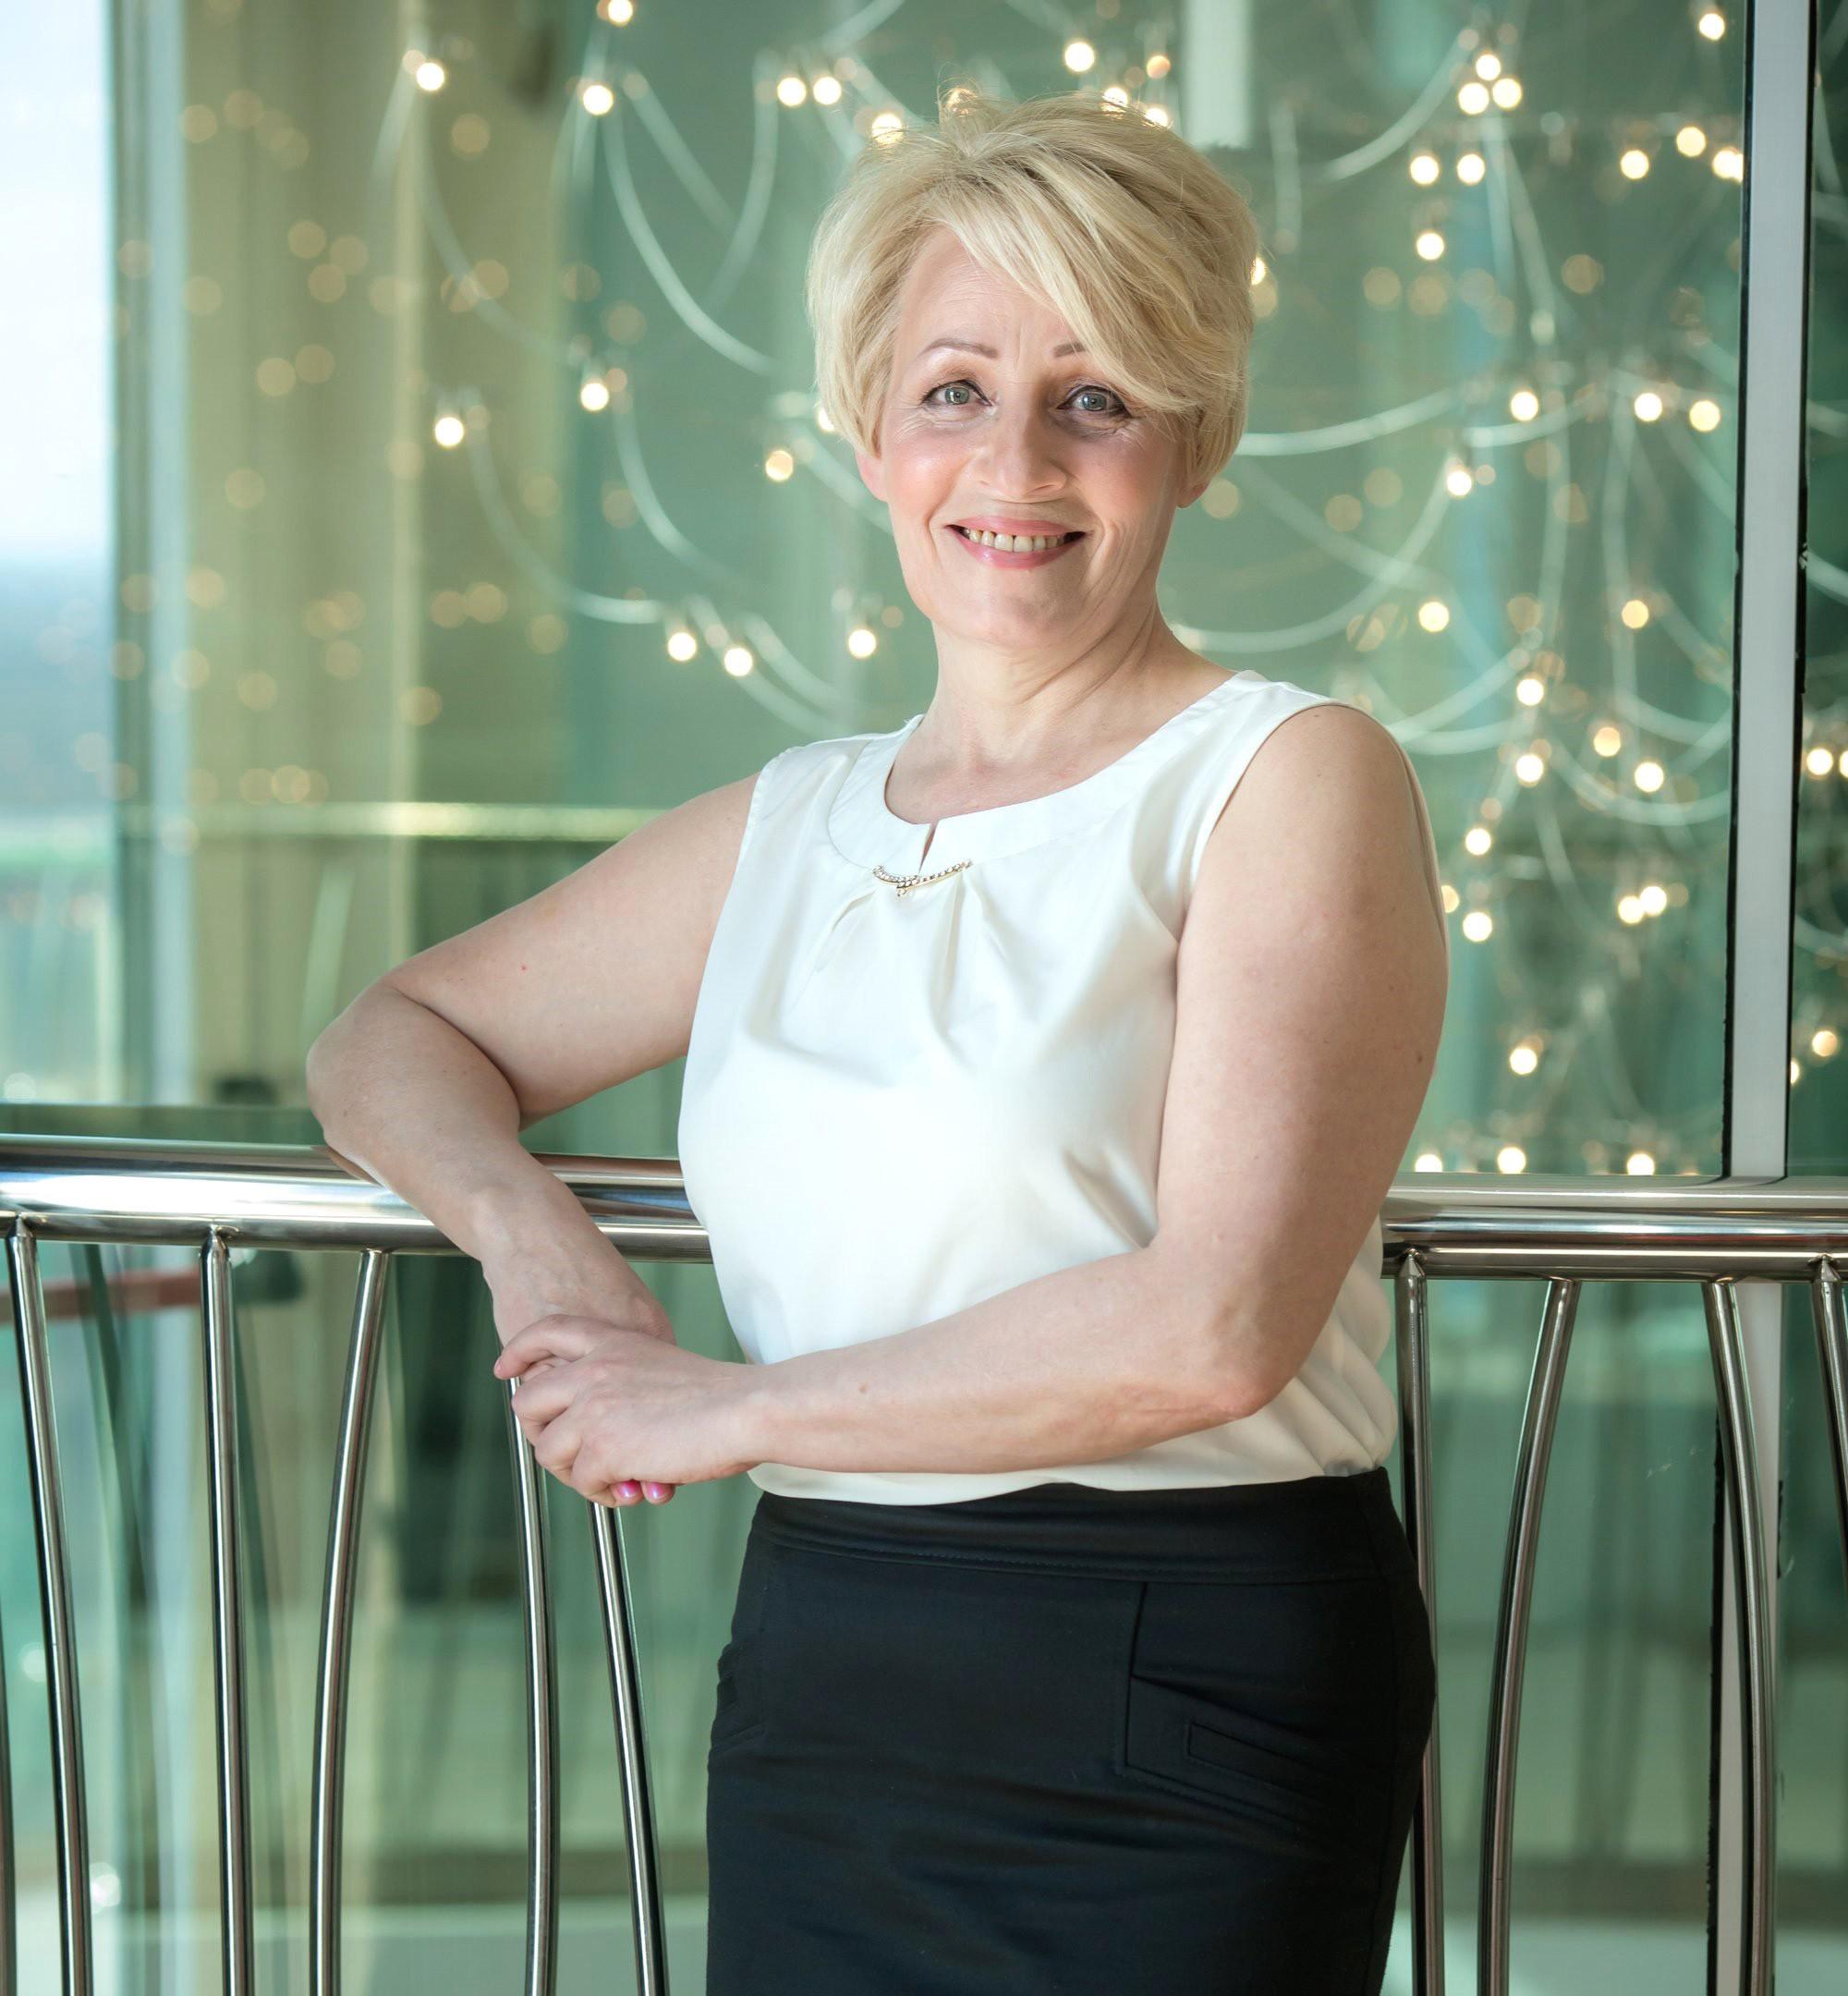 Никитина Наталья Анатольевна - Руководитель центра, ведущий специалист по иппотерапии в республике Башкортостан